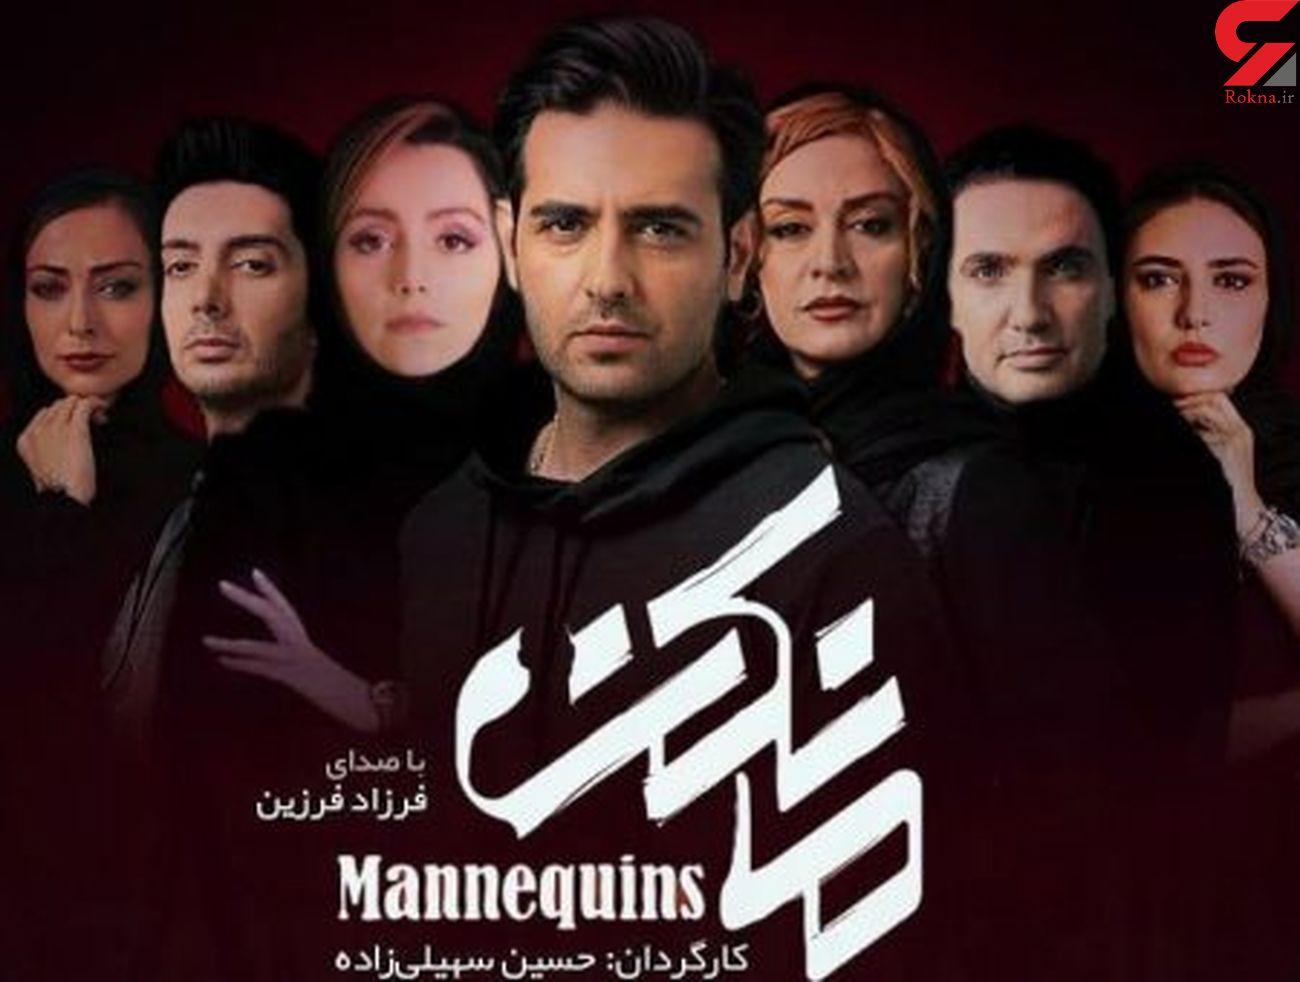 قسمت ششم سریال مانکن دوشنبه هشتم مهر منتشر می شود